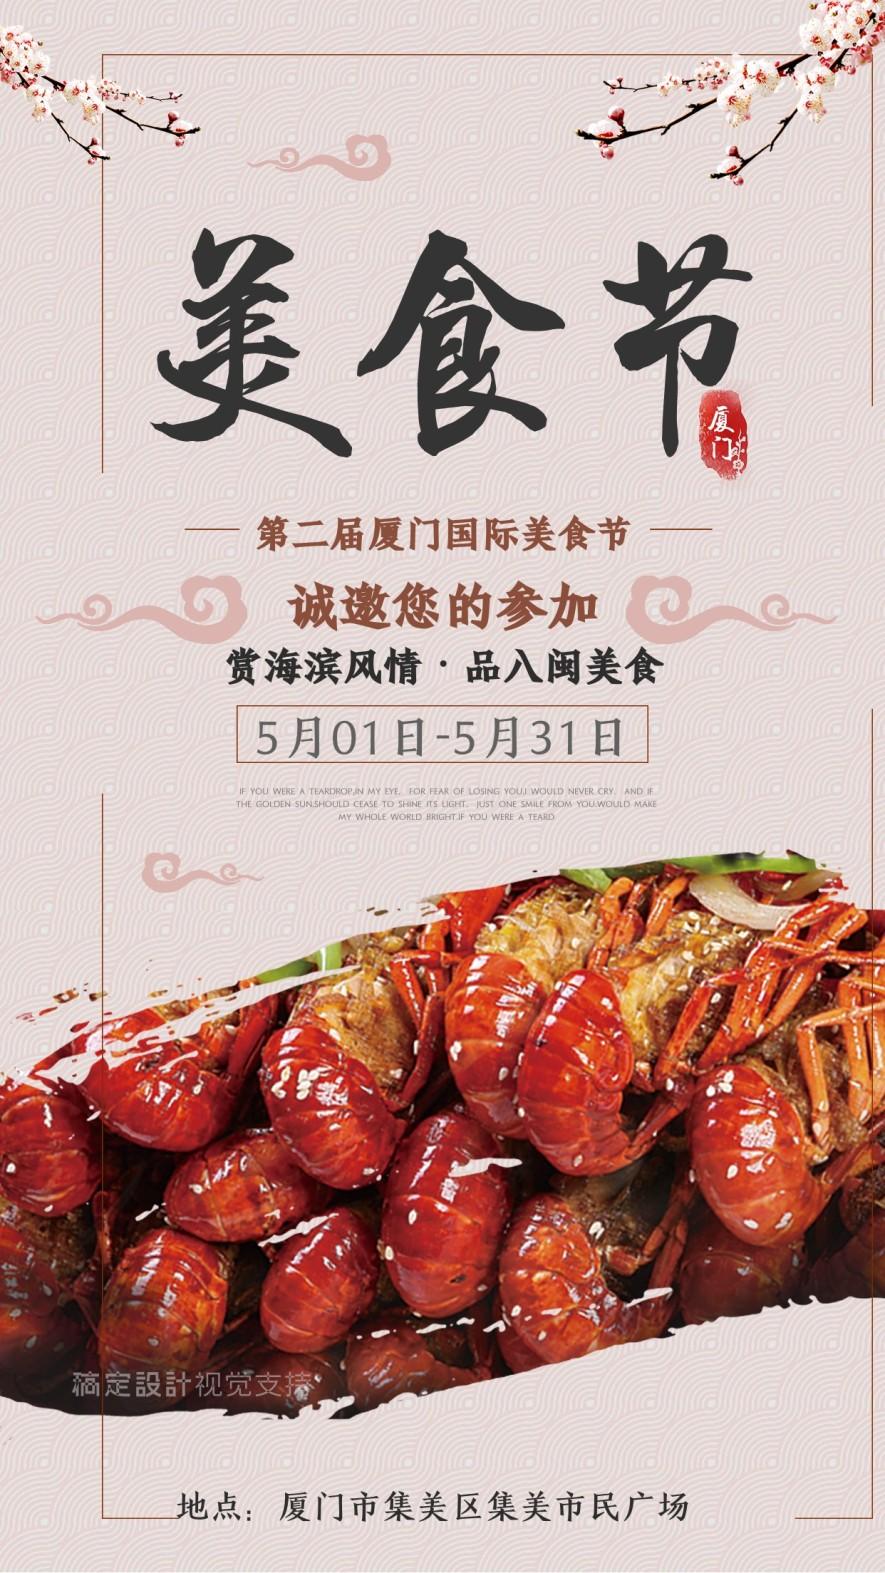 小龙虾/美食节/手机海报